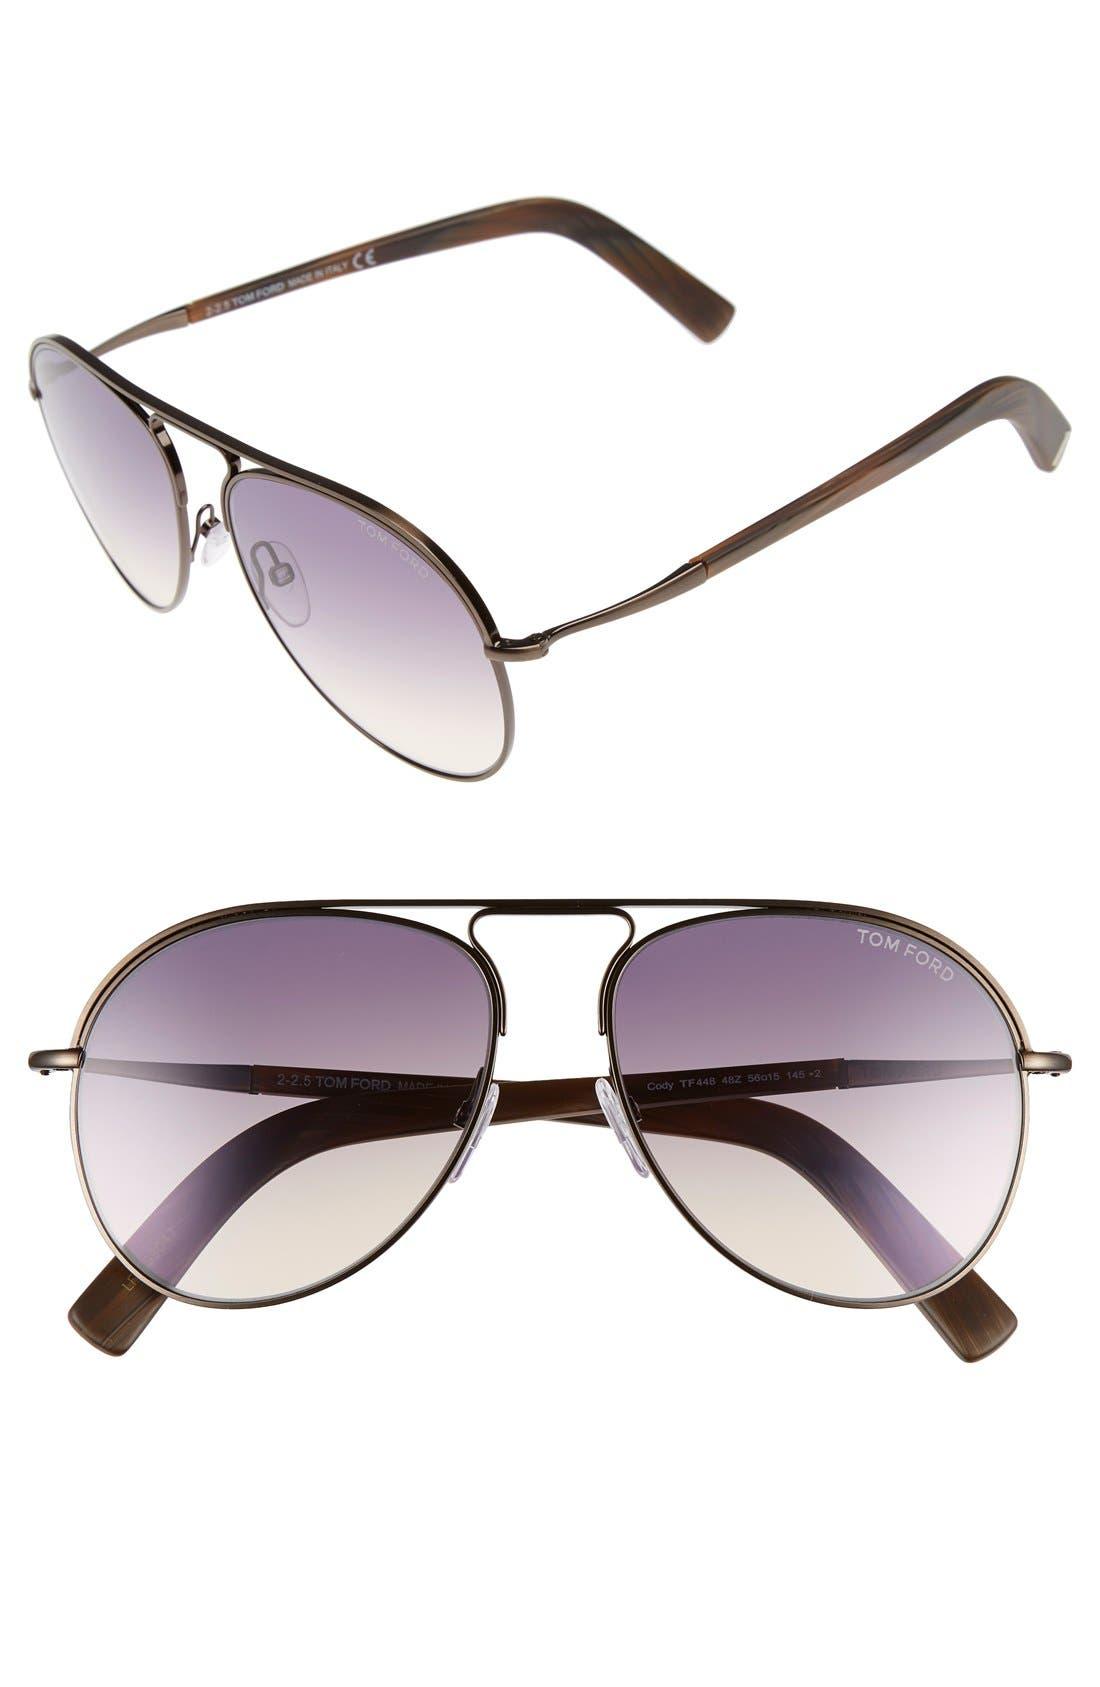 Main Image - Tom Ford 'Cody' 56mm Aviator Sunglasses